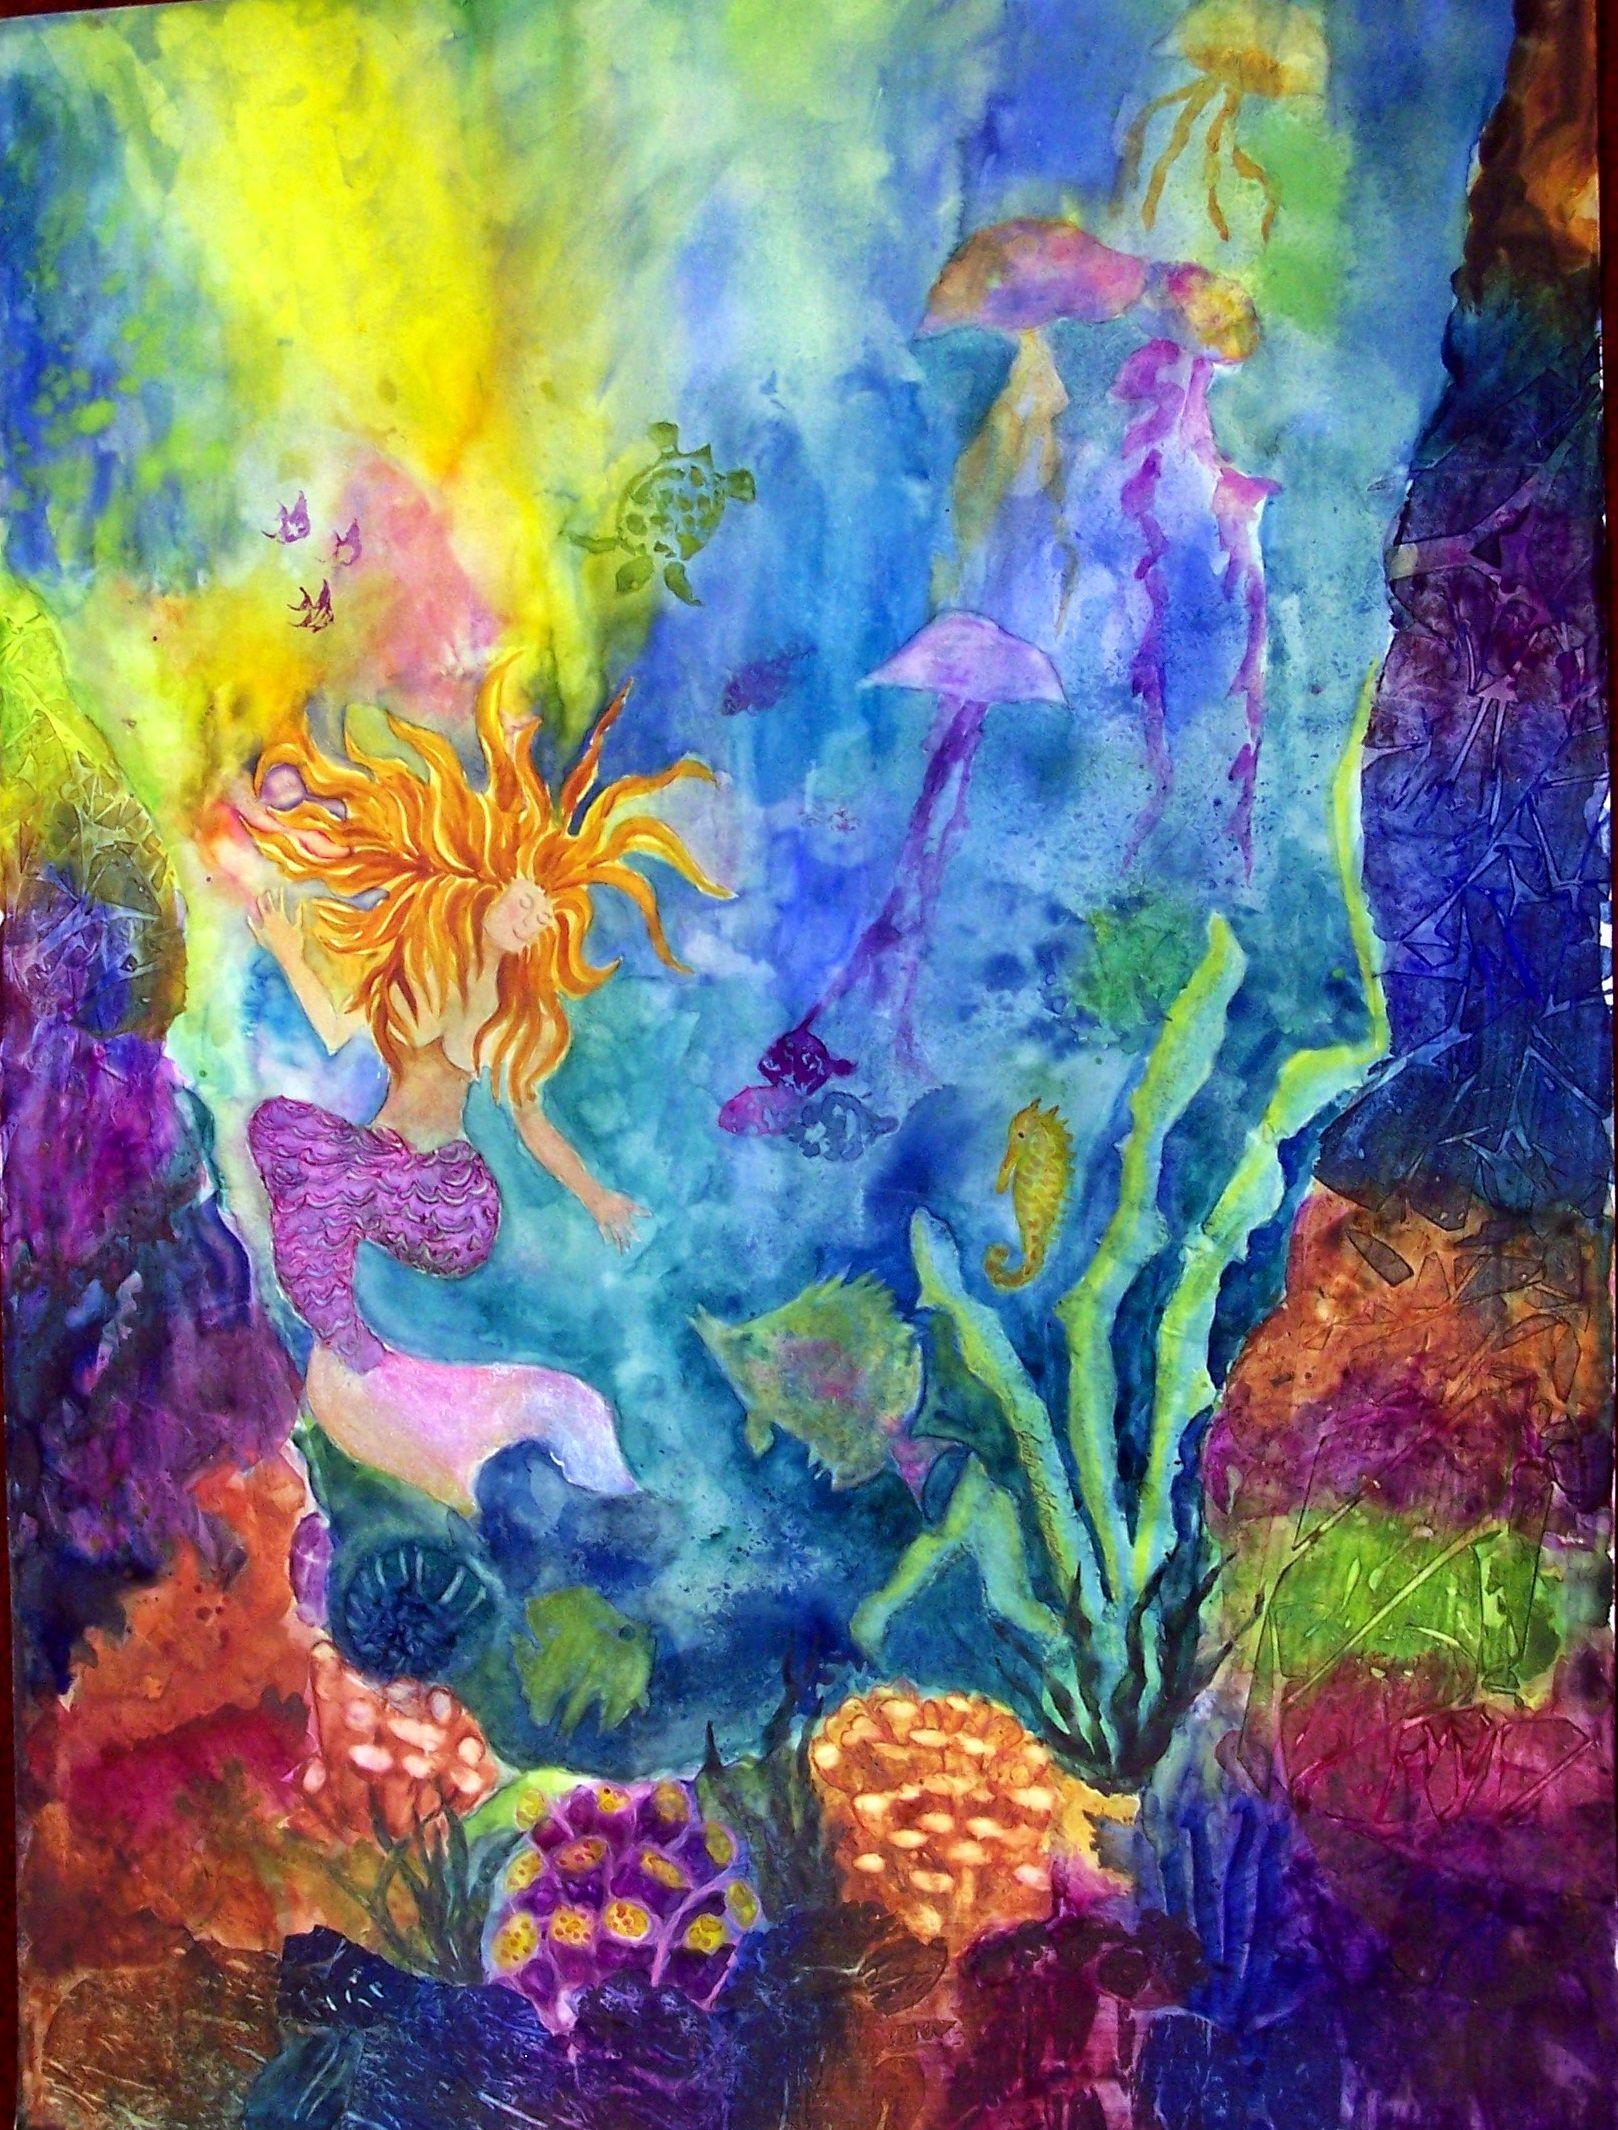 underwater painting | Underwater painting, Painting, Art